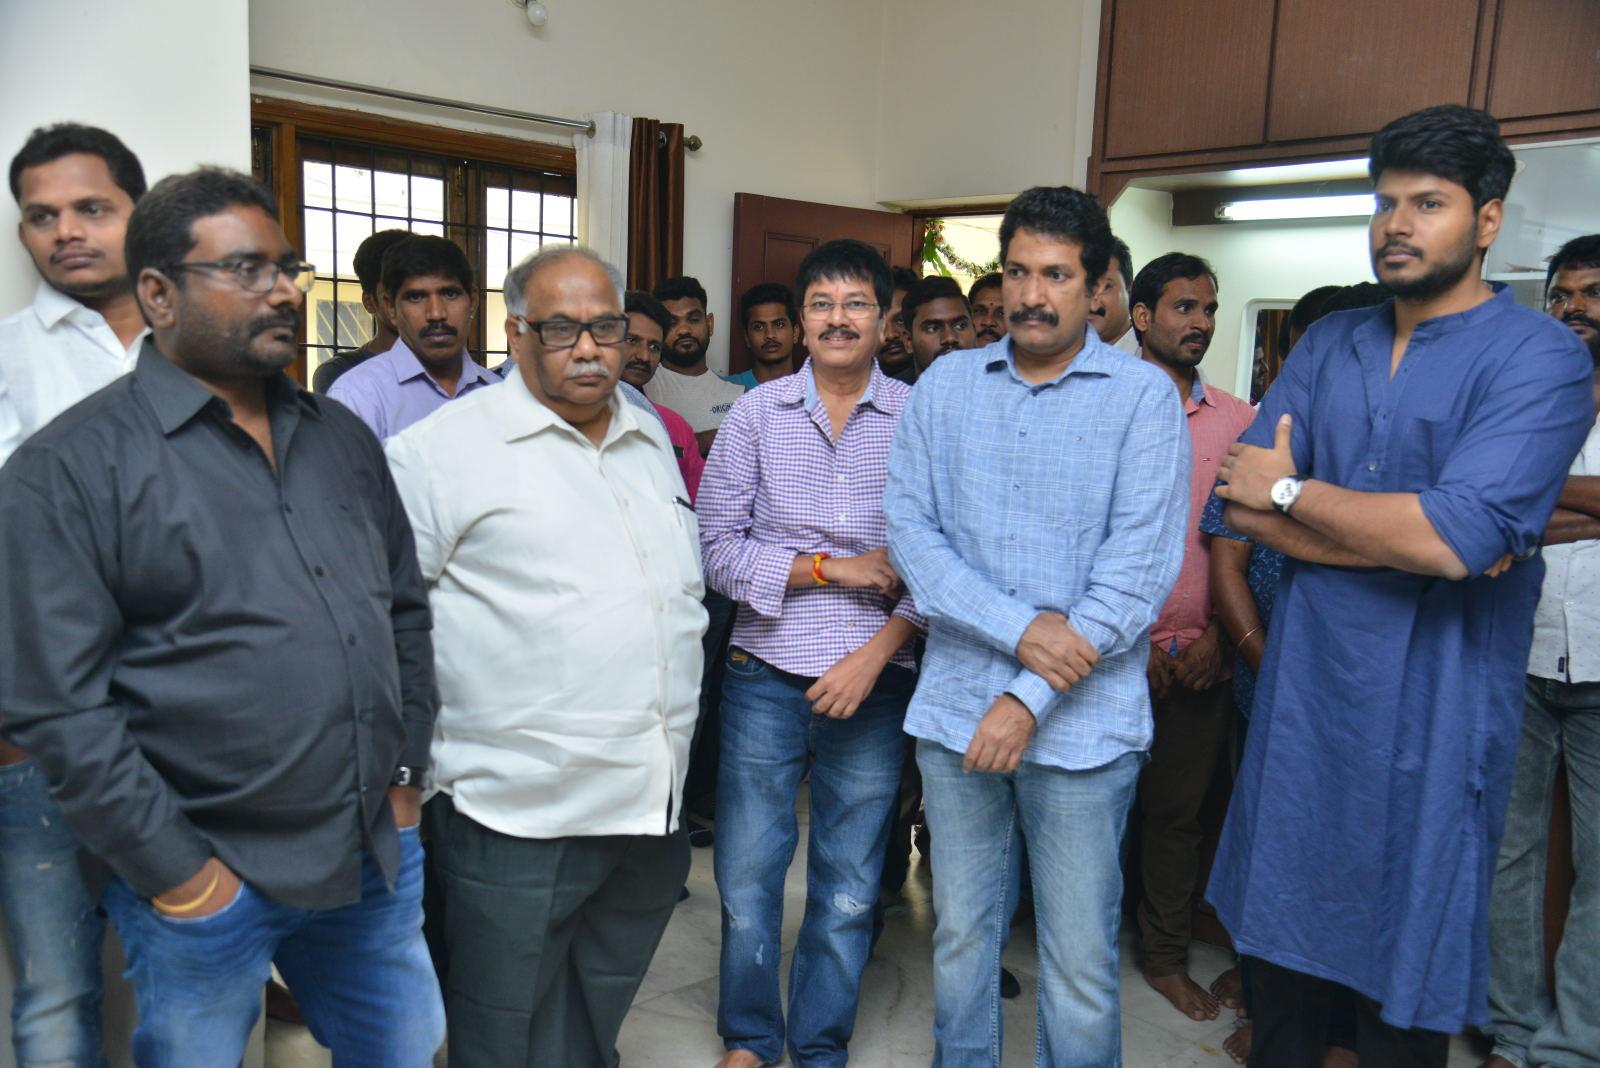 Sundeep Kishan, Hansika and G Nageswara Reddy's 'Tenali Ramakrishna BA BL' SNS Creations Production No 1 Launched